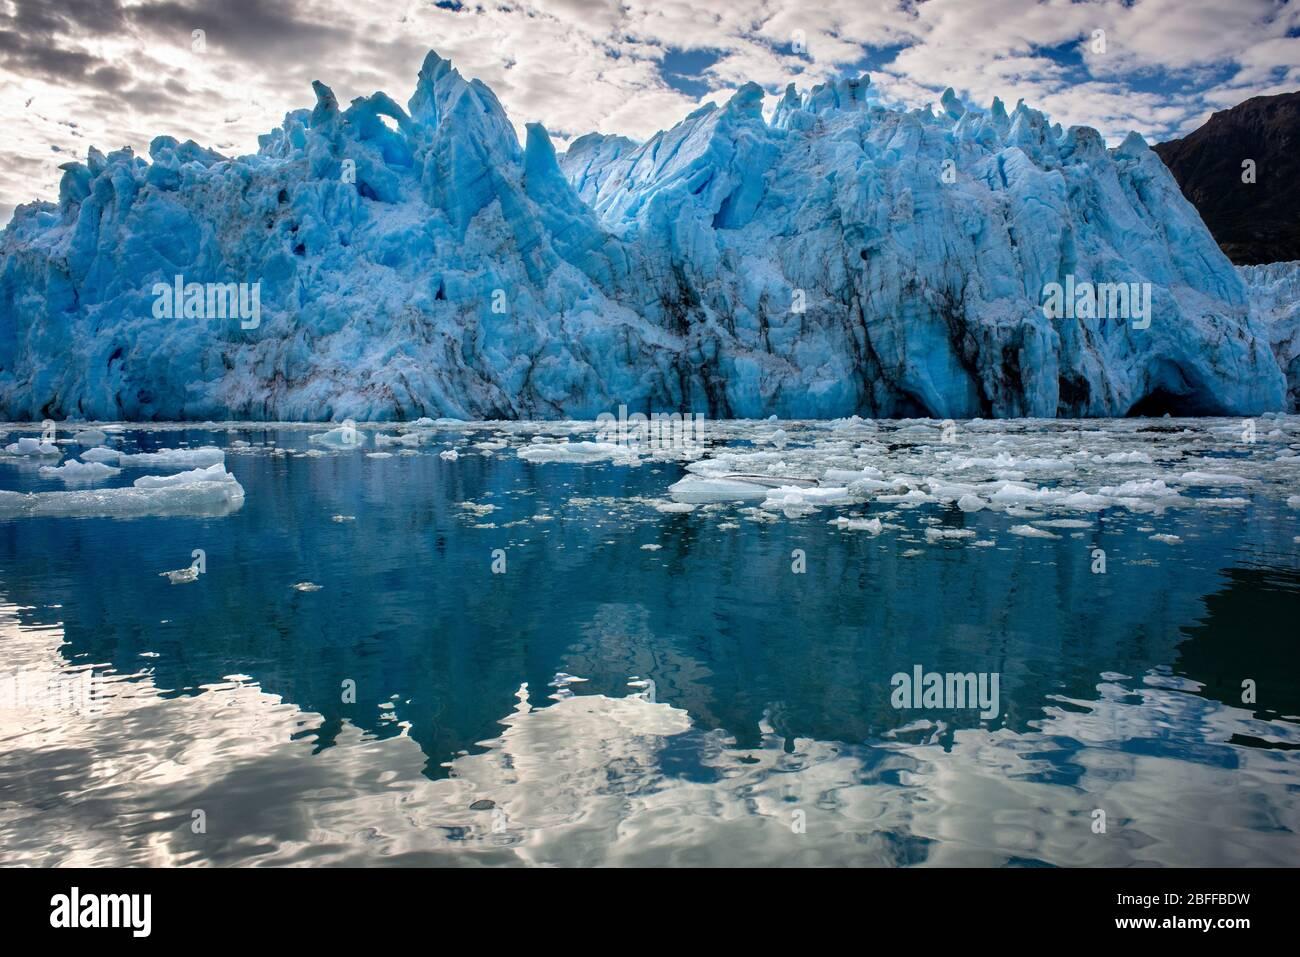 Glaciar Amalia en el borde del Canal Sarmiento - Glaciar Skua - Parque Nacional Bernardo o'Higgins en Patagonia Chile fiordos cerca de Puerto Natales, C Foto de stock